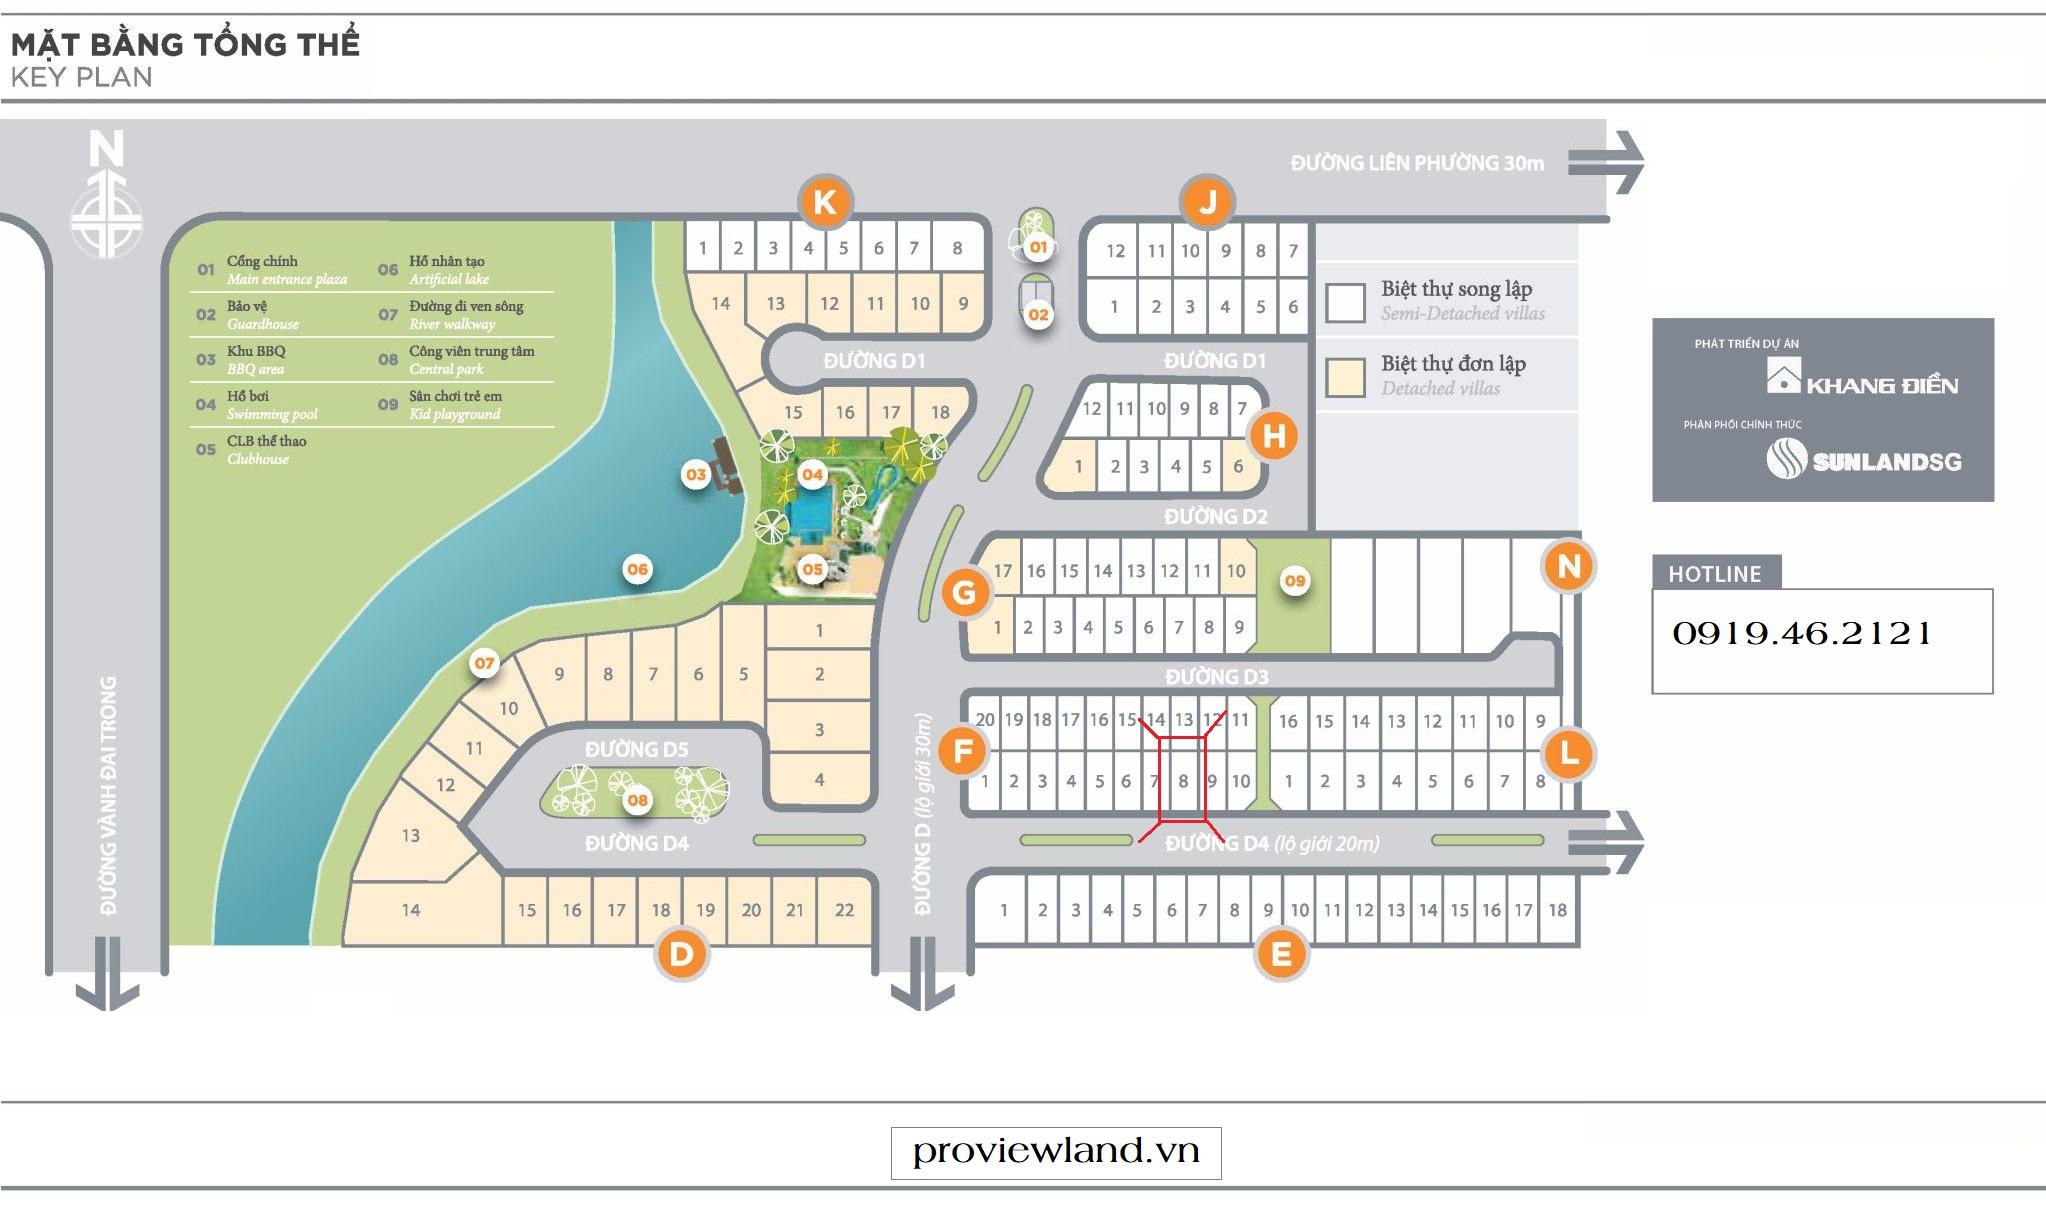 lucasta-khang-dien-villas-for-rent-4beds-3floor-district9-proview1112-15